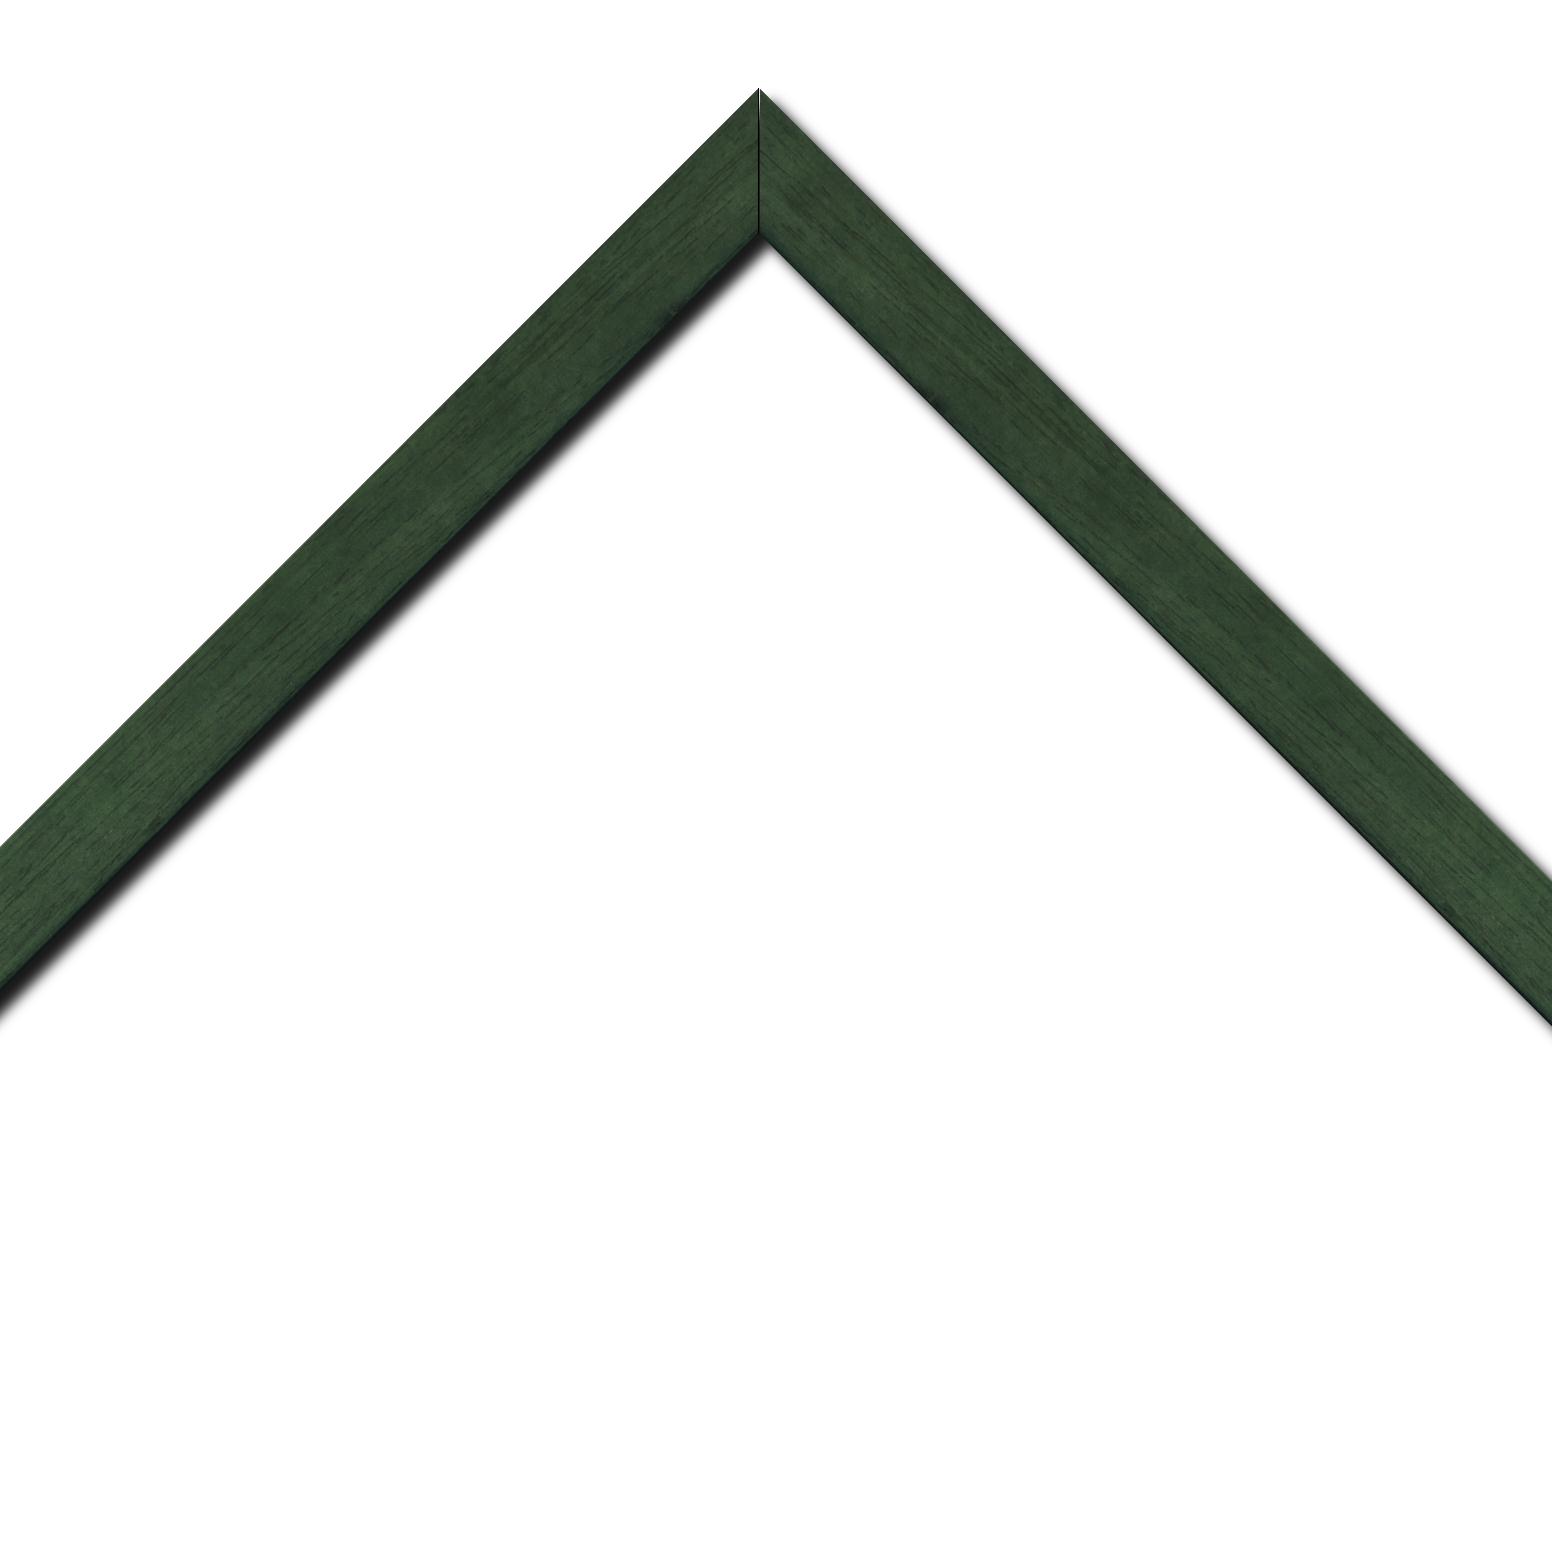 Baguette bois profil plat largeur 2.5cm couleur vert sapin satiné